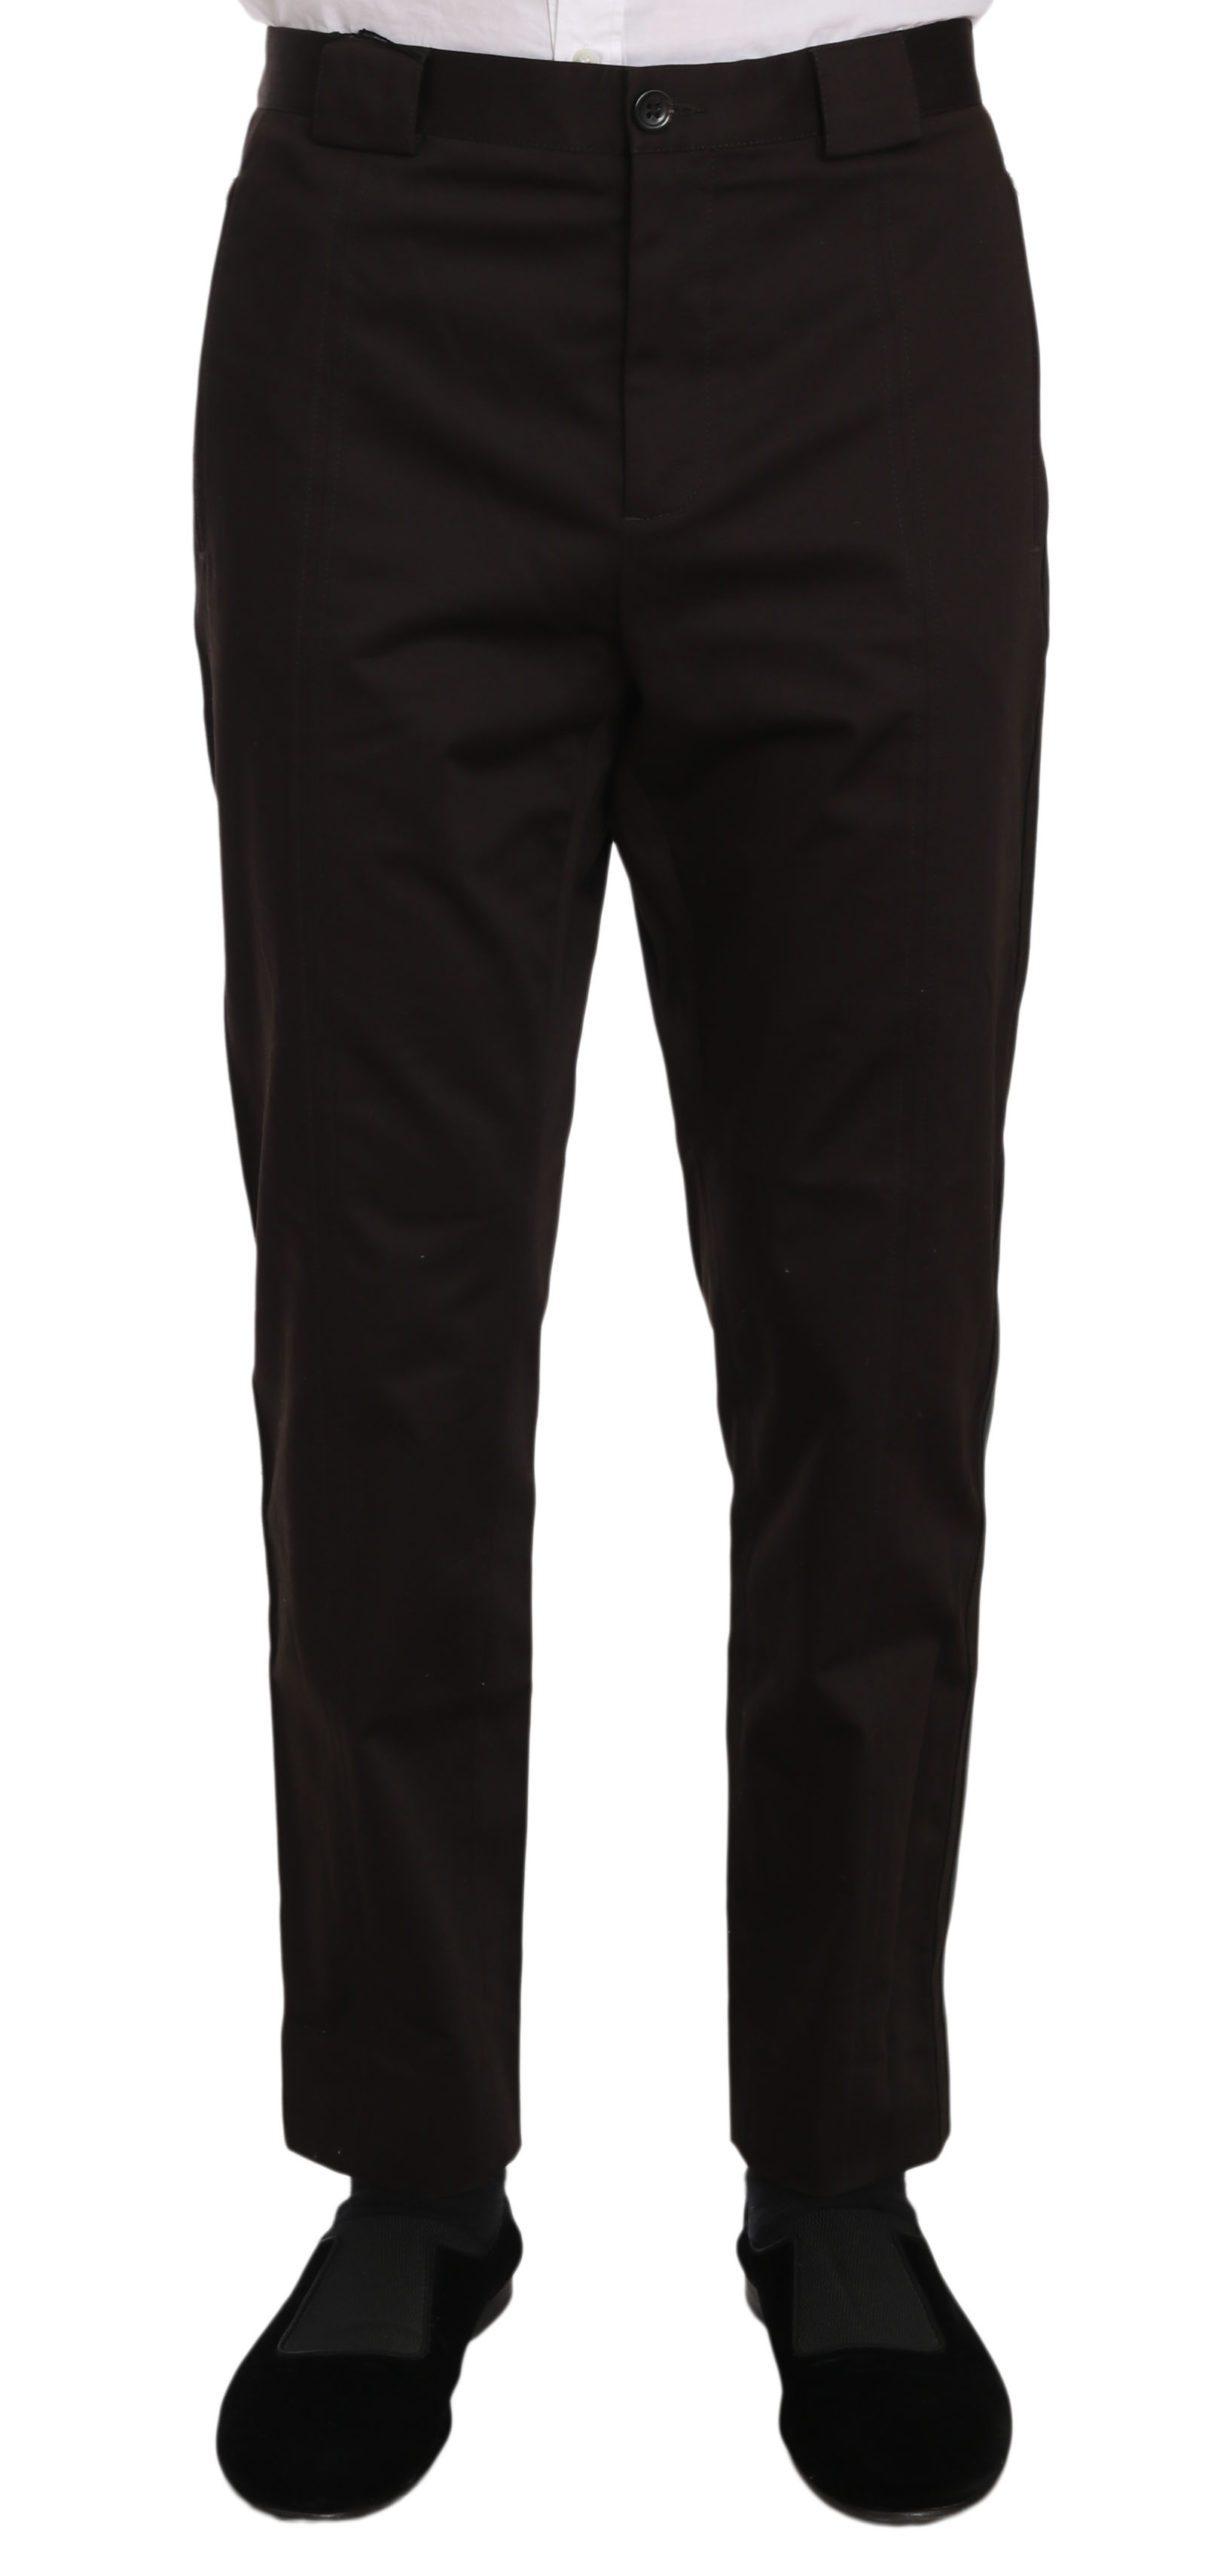 Dolce & Gabbana Men's Cotton Stretch Formal Trouser Purple PAN61335 - IT50   L